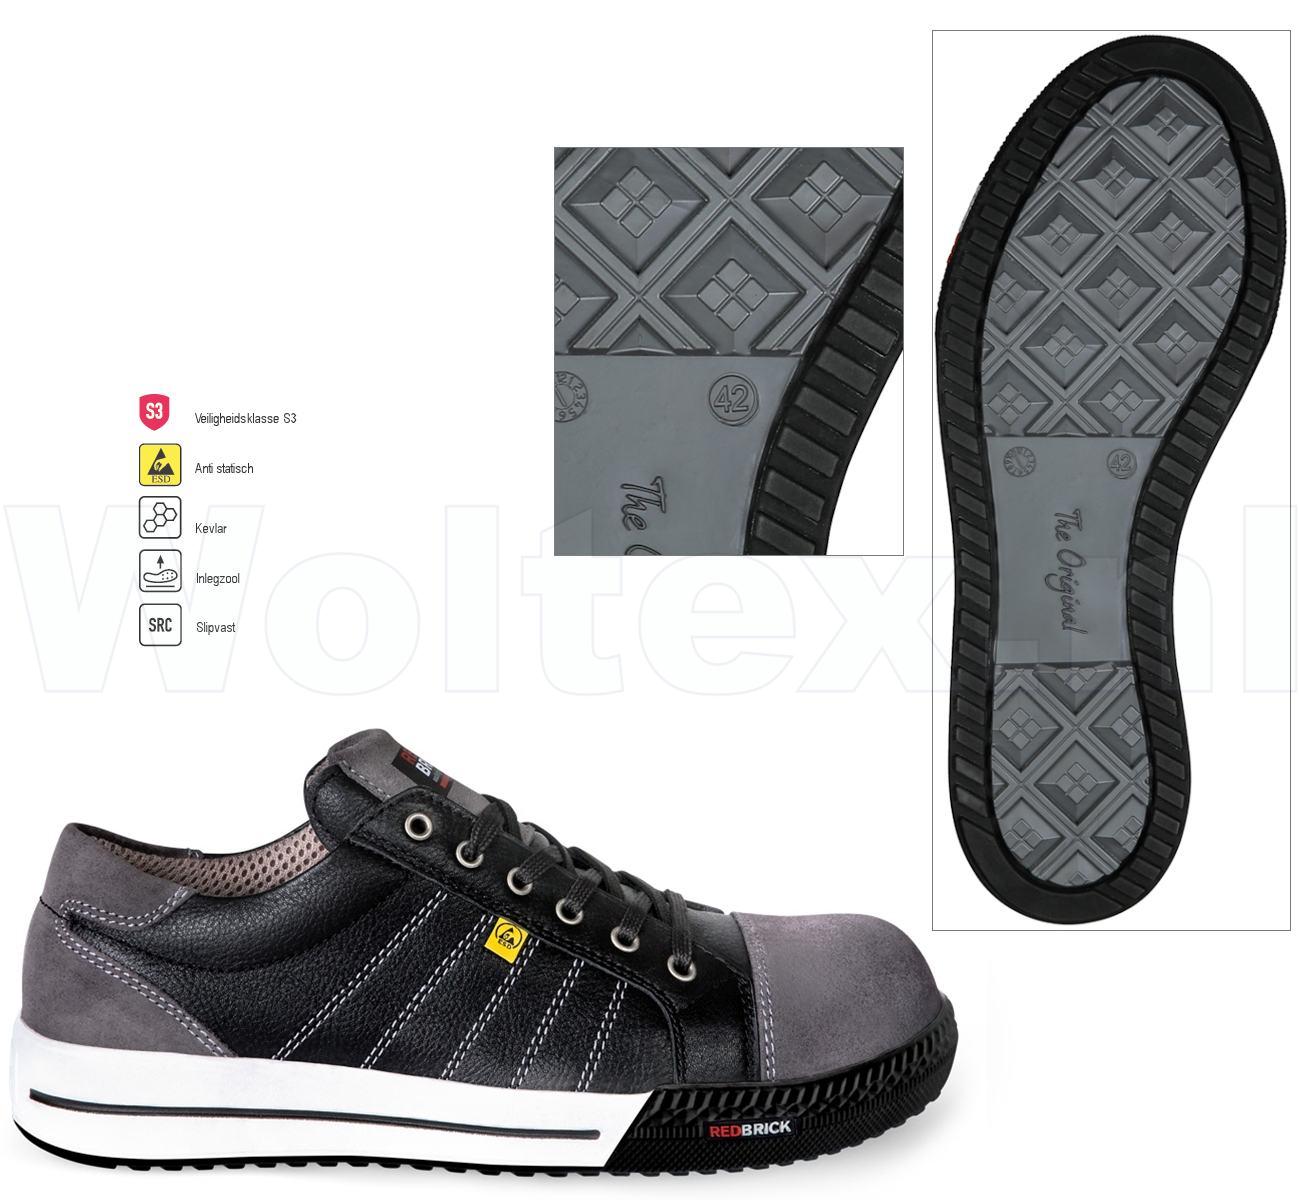 Werkschoenen Sneakers S3.Redbrick Safety Sneakers Originals S3 Esd Werkschoenen Slate Zwart